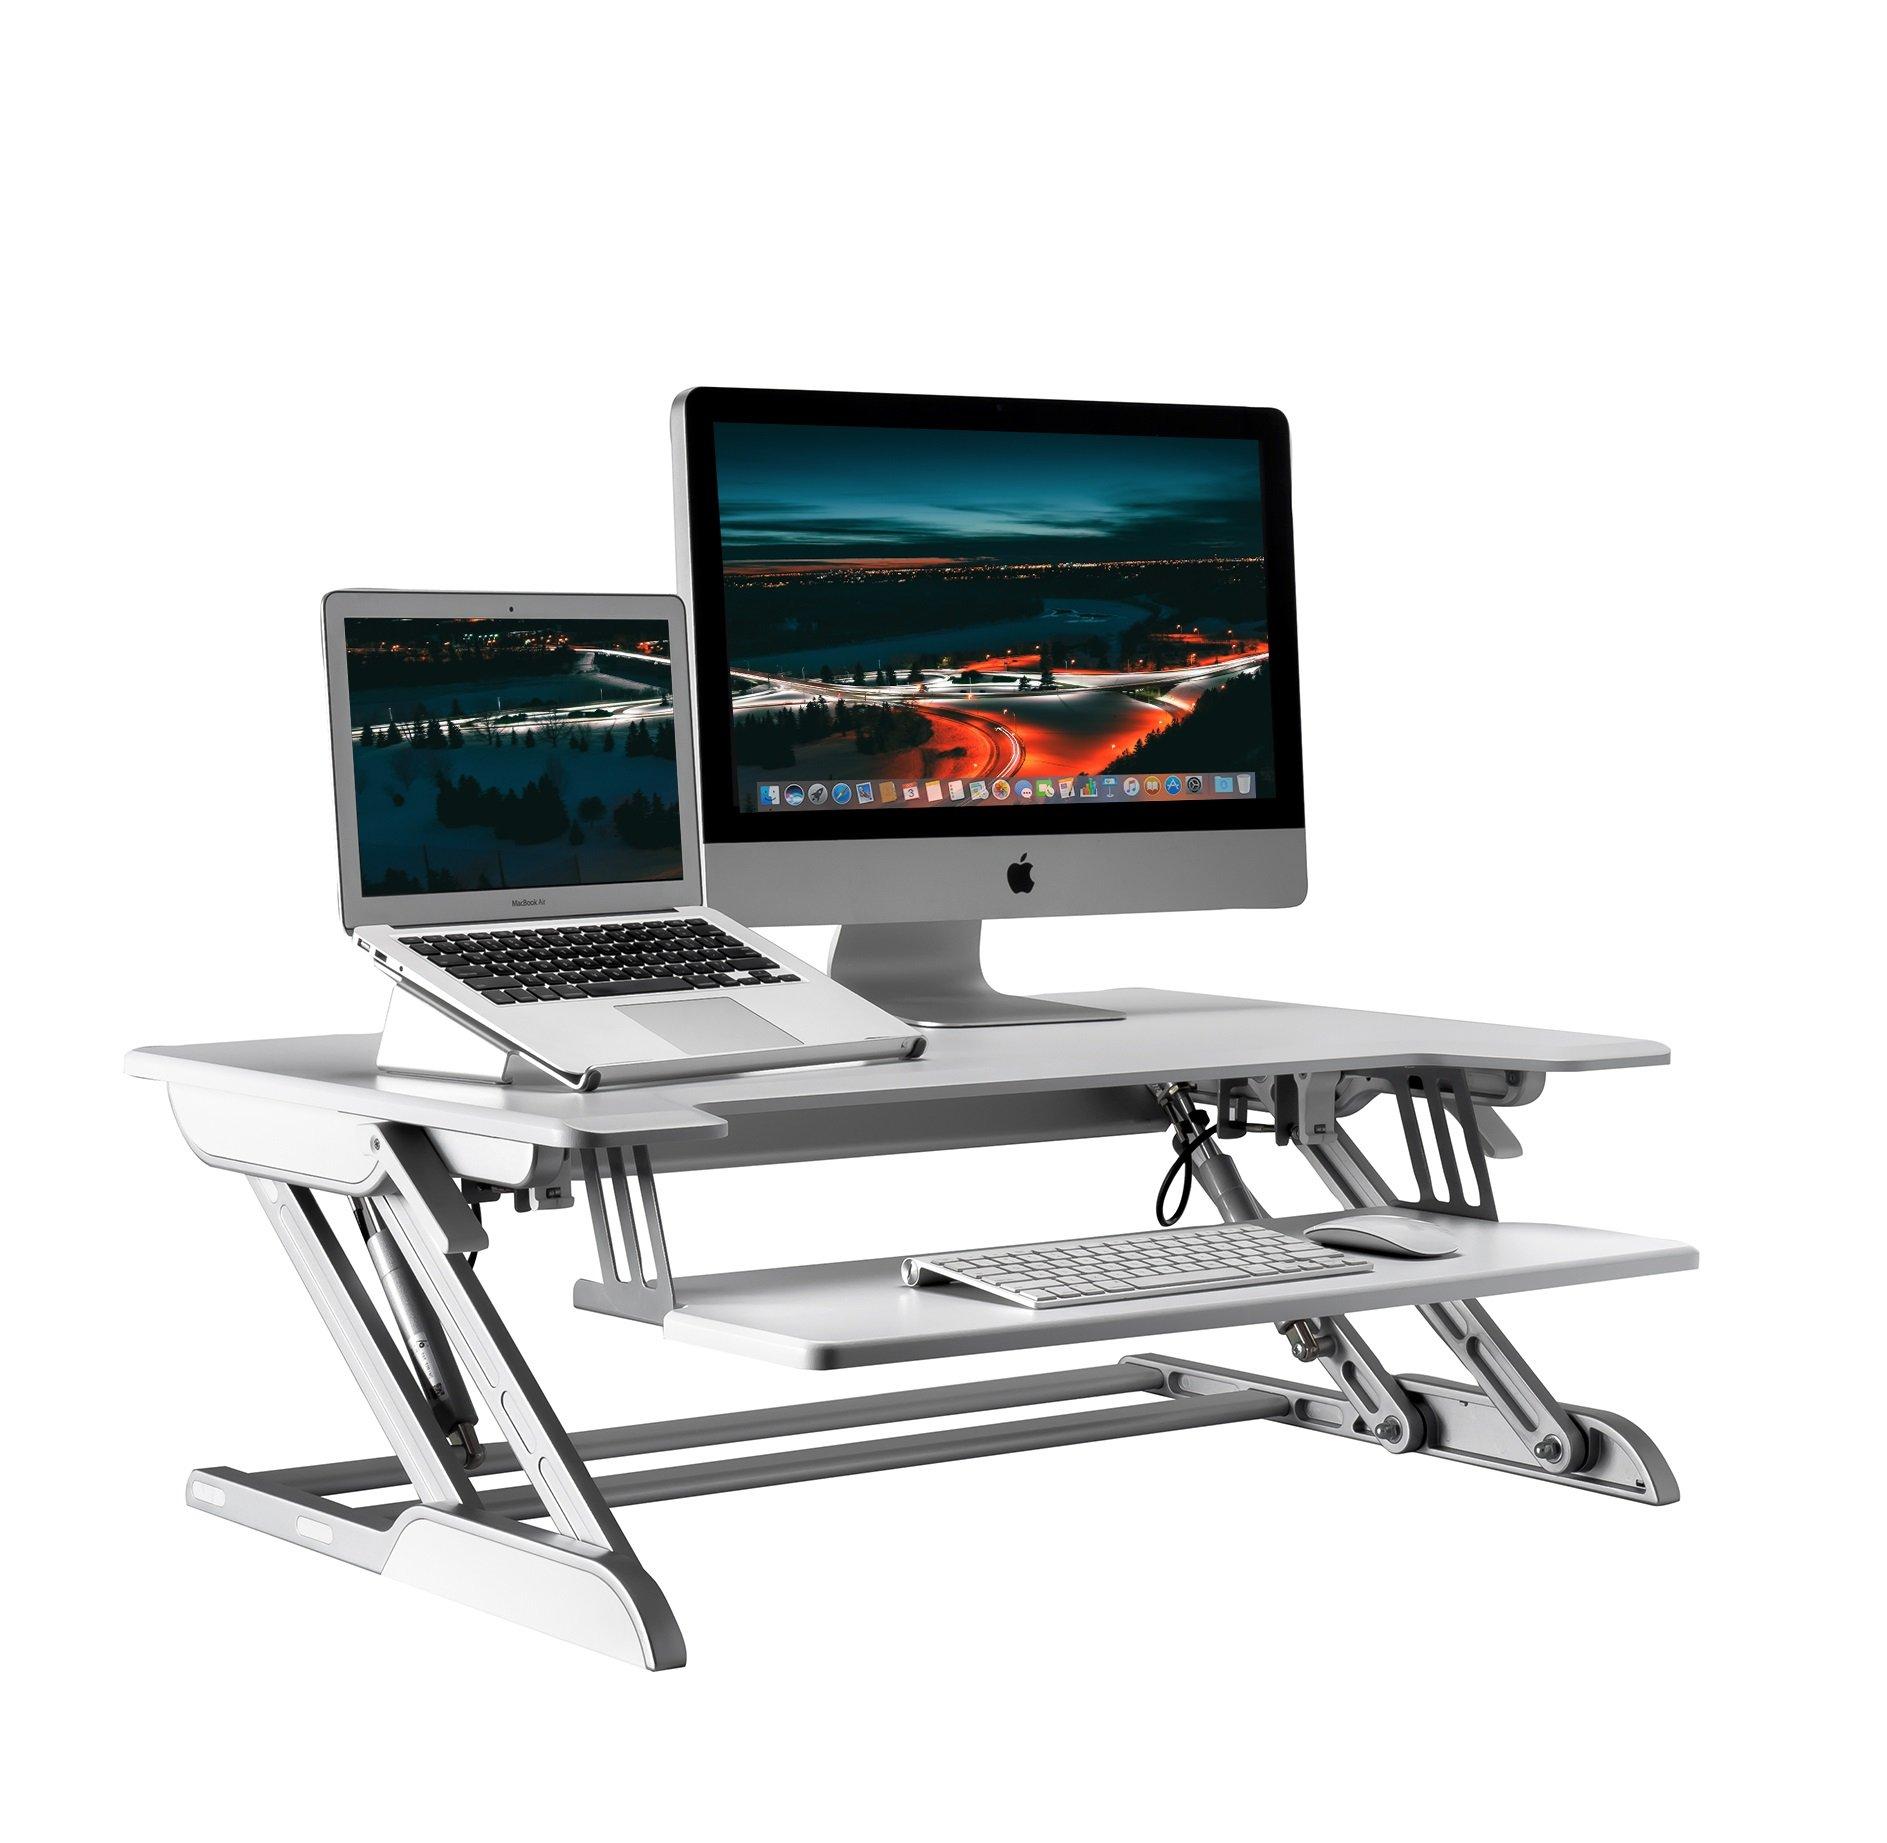 AboveTEK Height Adjustable Aluminum Standing Desk Converter, White, Smooth Air Spring, 36'' Platform Desktop Workstation for Dual Monitor Setup as Computer Riser for Instant Sit-Stand at Home & Office